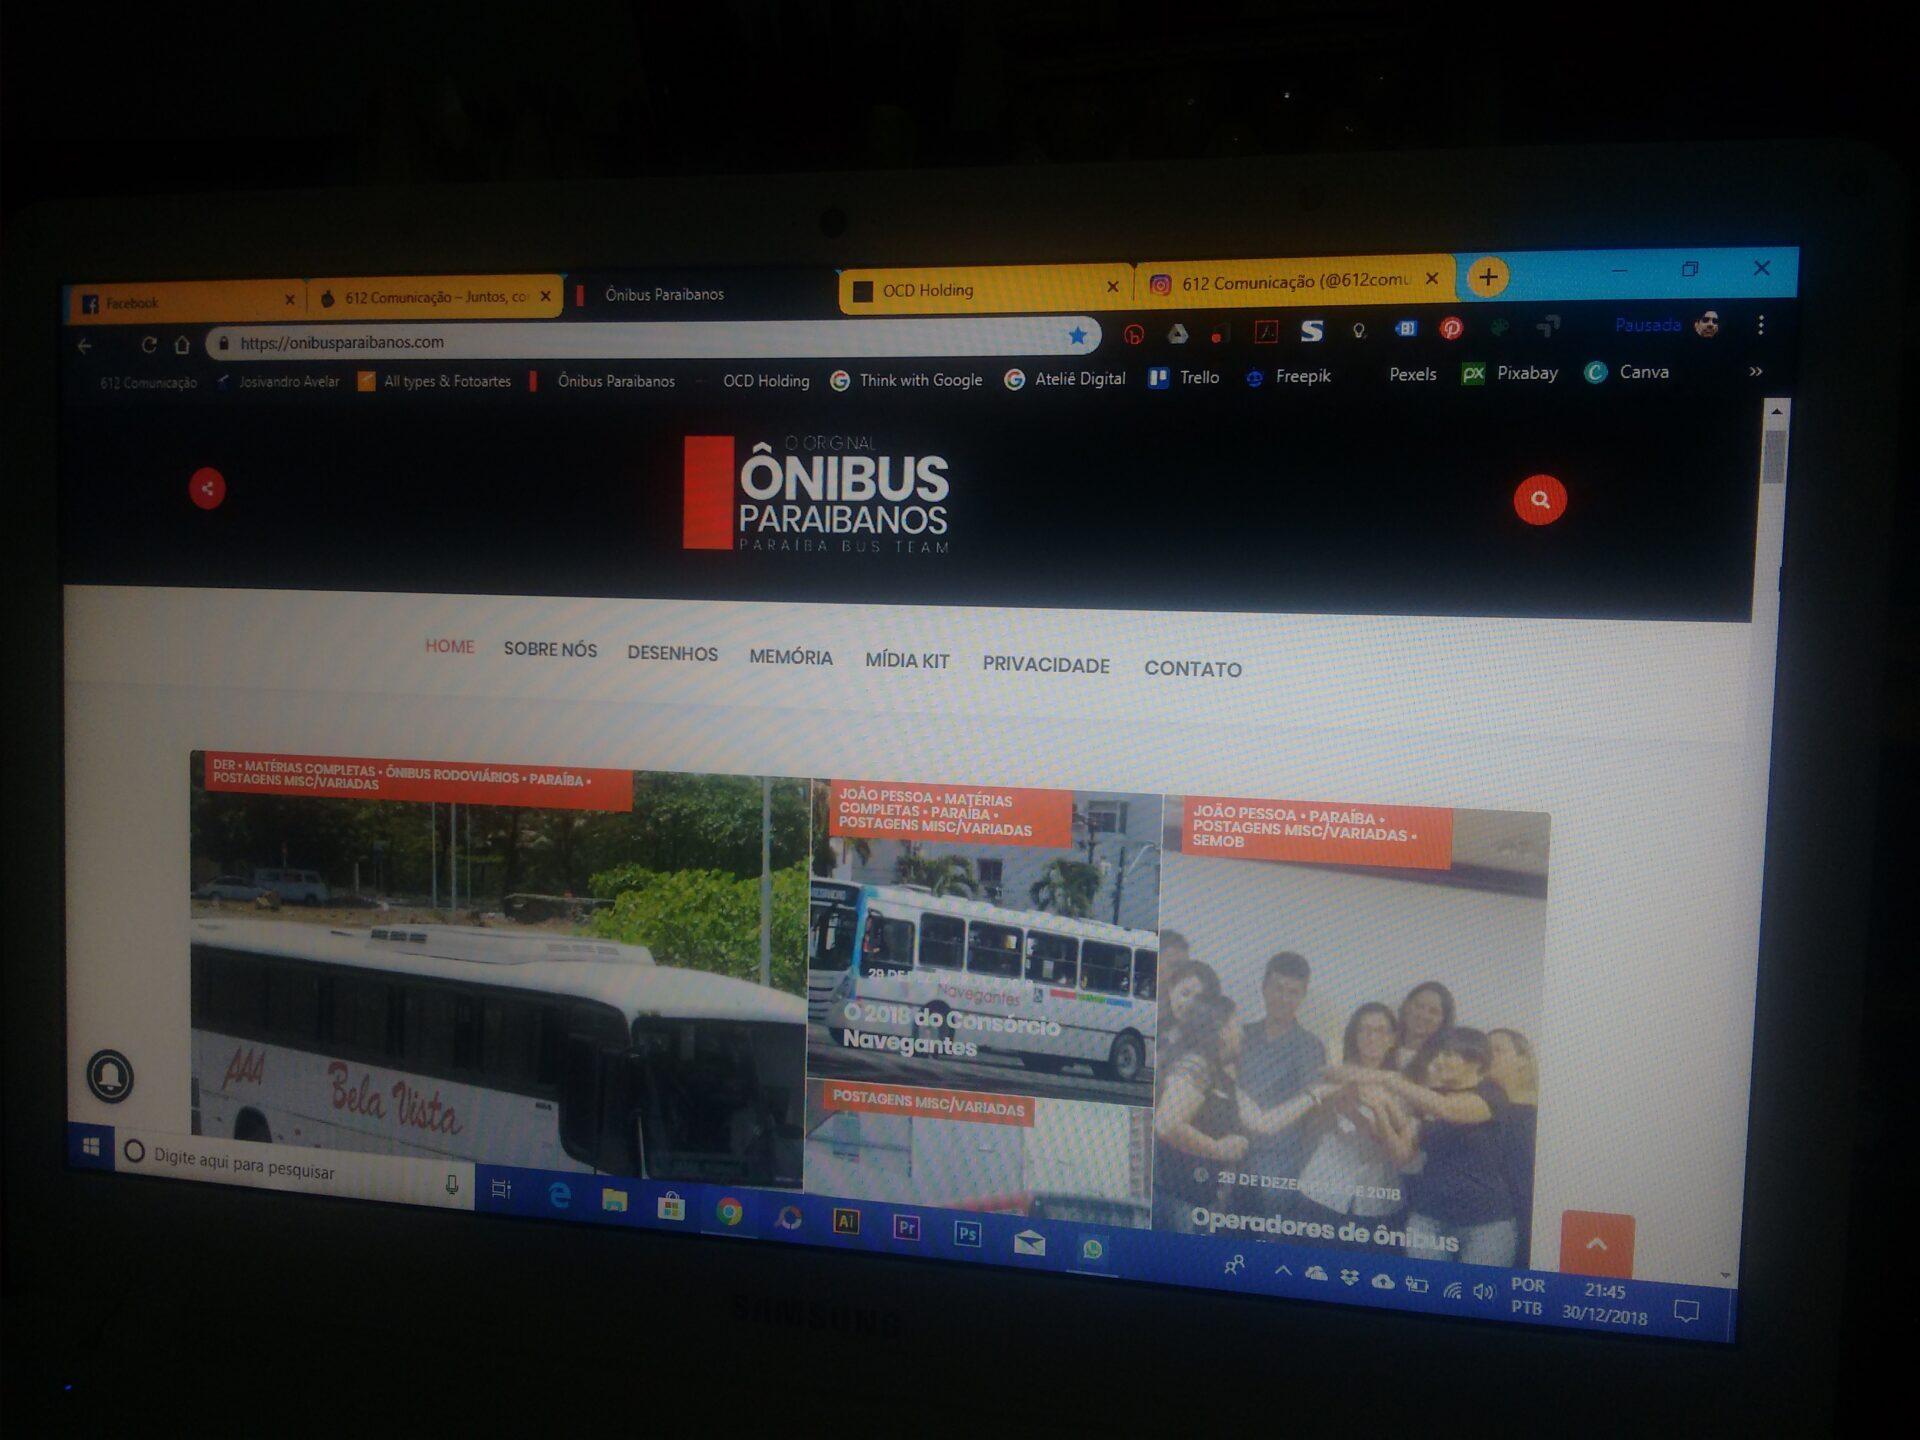 Portal Ônibus Paraibanos fora do ar; problemas já foram resolvidos, aguardando ação da hospedagem